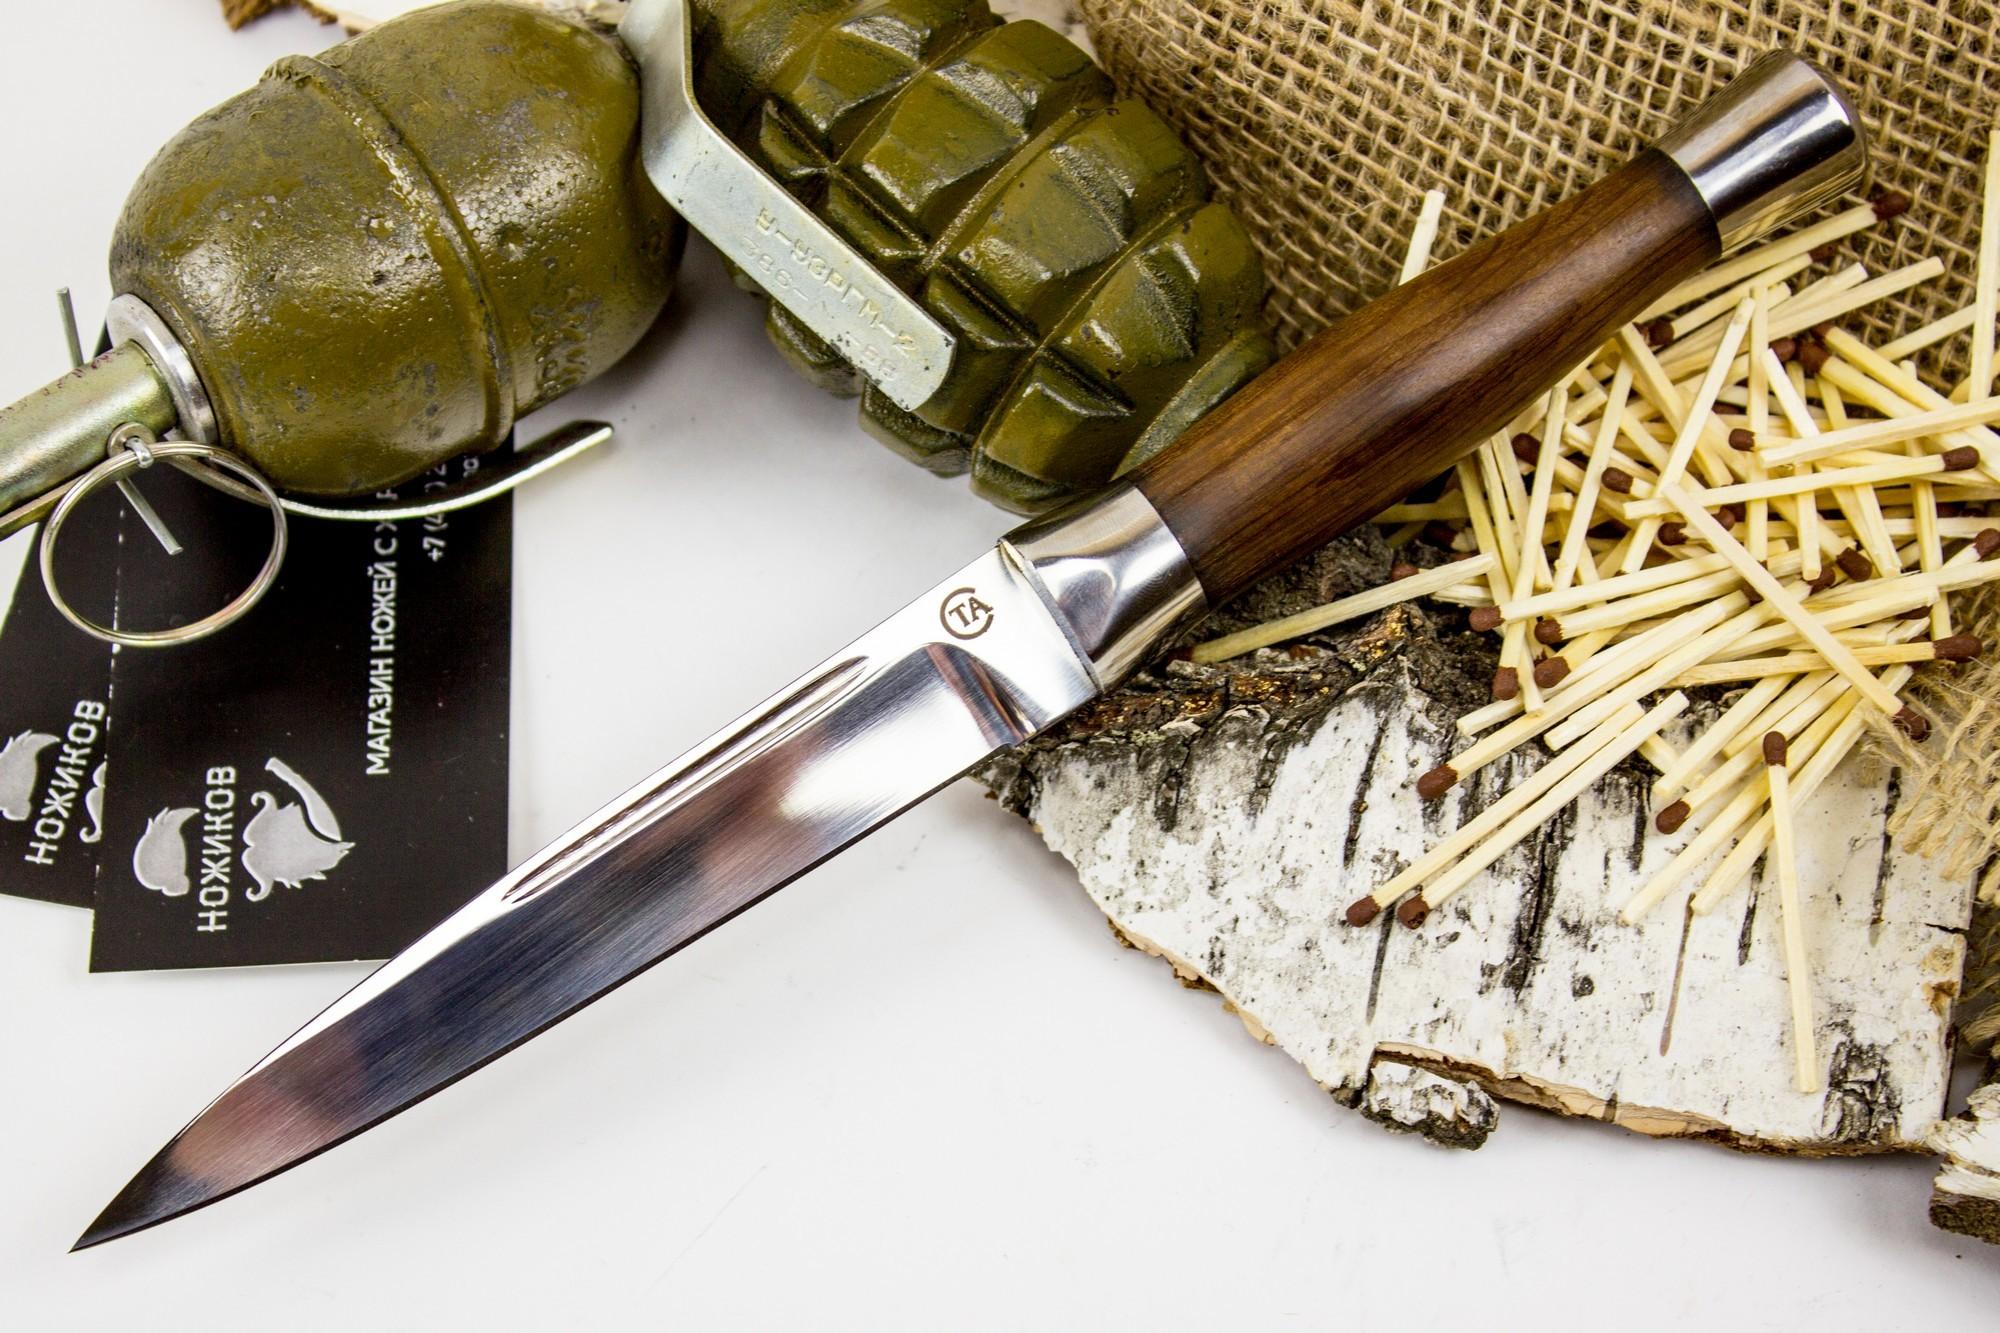 Нож Горец-3М, сталь 95х18Ножи разведчика НР, Финки НКВД<br>Эта модель выполнена по мотивам дагестанских ножей, которые до сих пор используются коренным населением. Главной особенностью такого ножа является клинок симметричной формы с острым кончиком и высокими спусками. Такая геометрия хорошо работает по продуктам и при строгании древесины. Рукоять ножа имеет элегантную бочкообразную форму, что делает нож похожим на изящные средневековые стилеты. Такая форма рукояти позволяет уверенно наносить колющие и рубящие удары. Нож можно порекомендовать всем, кто подыскивает вариант для пикников и несложных походов.<br>